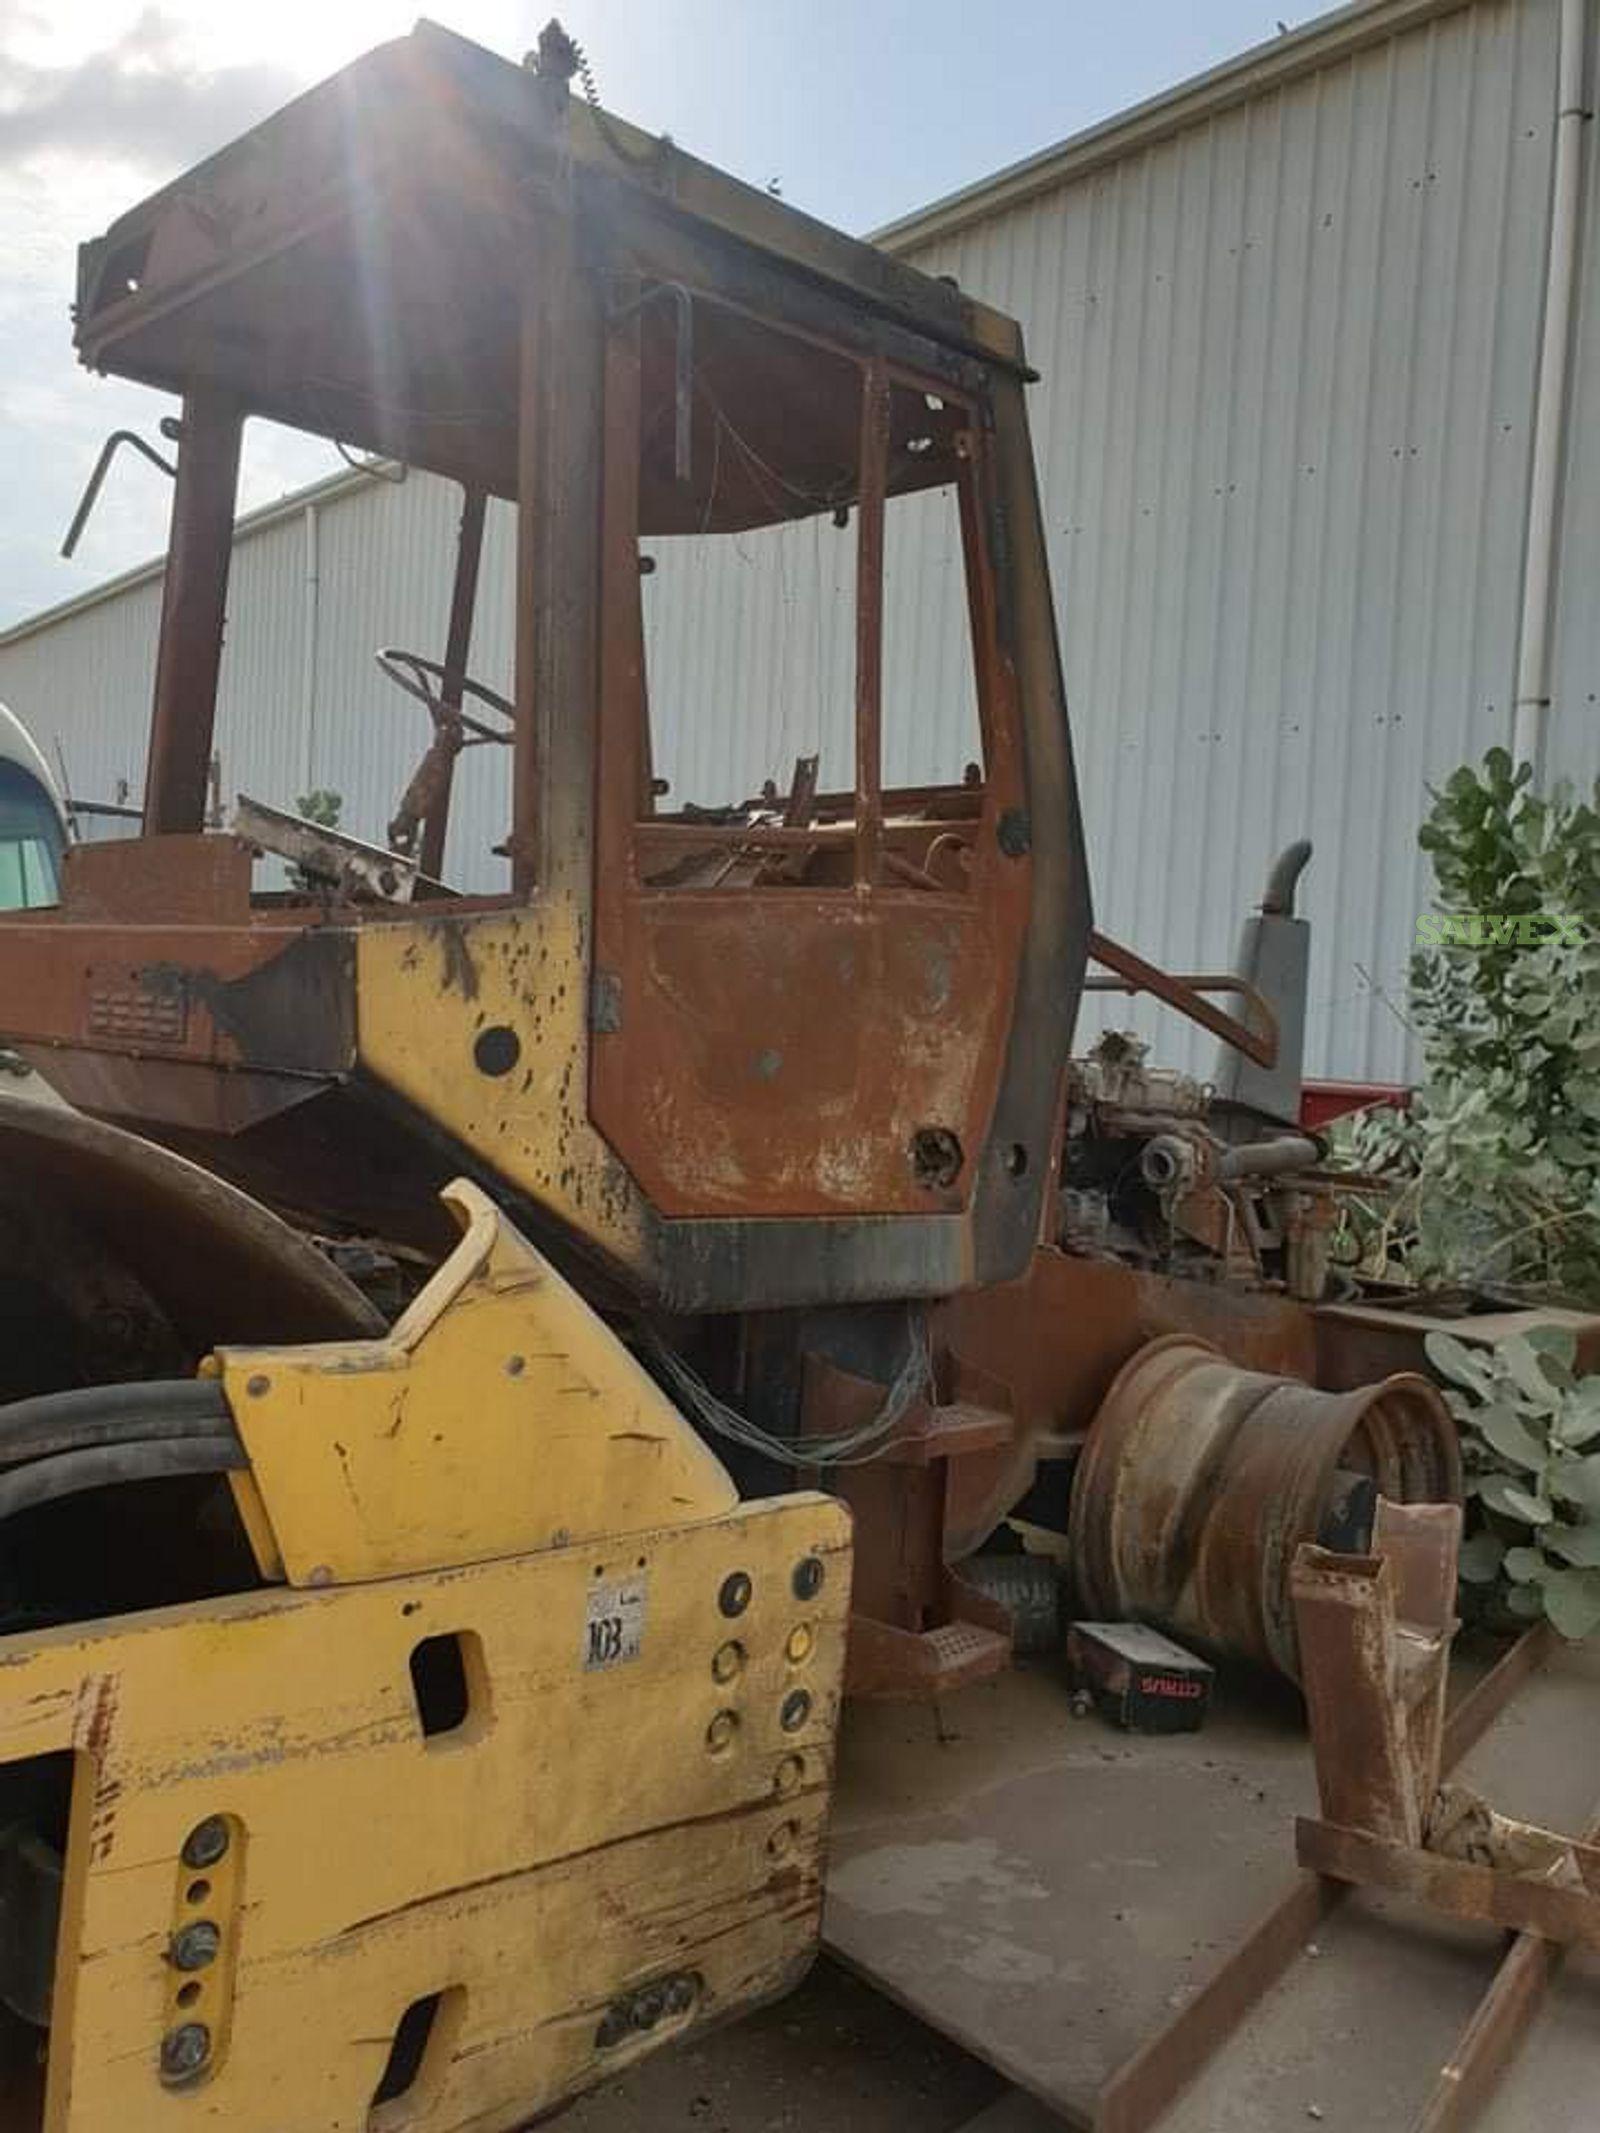 Bomag Single Drum Roller Soil Compactor, Damaged (1 Unit)